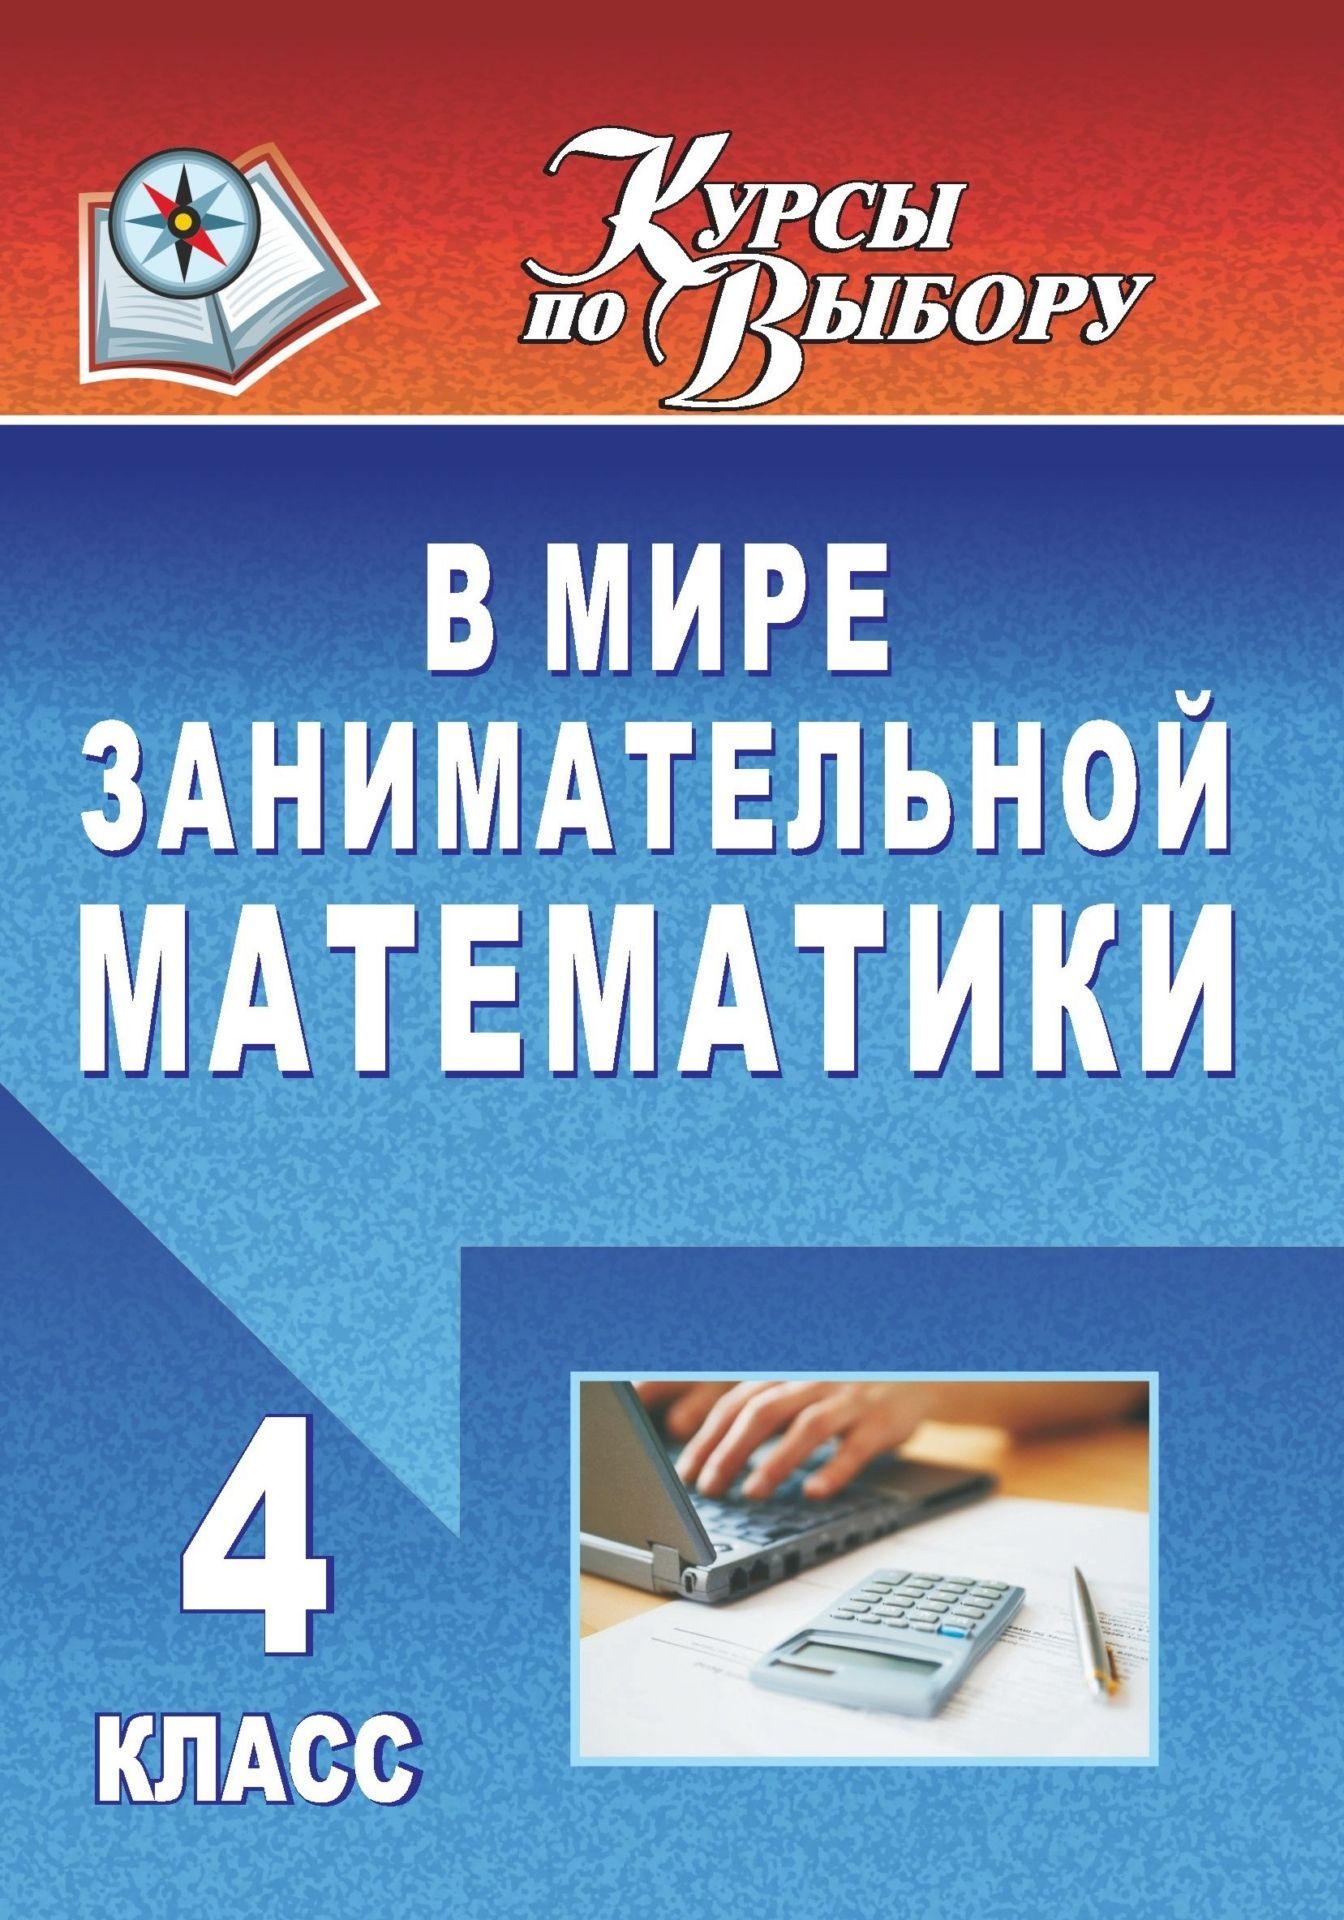 В мире занимательной математики. 4 классПредметы<br>Курс по выбору В мире занимательной математики предназначен для учащихся 4 класса. В пособии представлены программа и конспекты занятий, содержание которых полностью соответствует возрастным особенностям детей, их интересу к предмету. Предложены математ...<br><br>Авторы: Дементьева Л. С.<br>Год: 2011<br>Серия: Курсы по выбору<br>ISBN: 978-5-7057-2247-1<br>Высота: 200<br>Ширина: 140<br>Толщина: 3<br>Переплёт: мягкая, скрепка